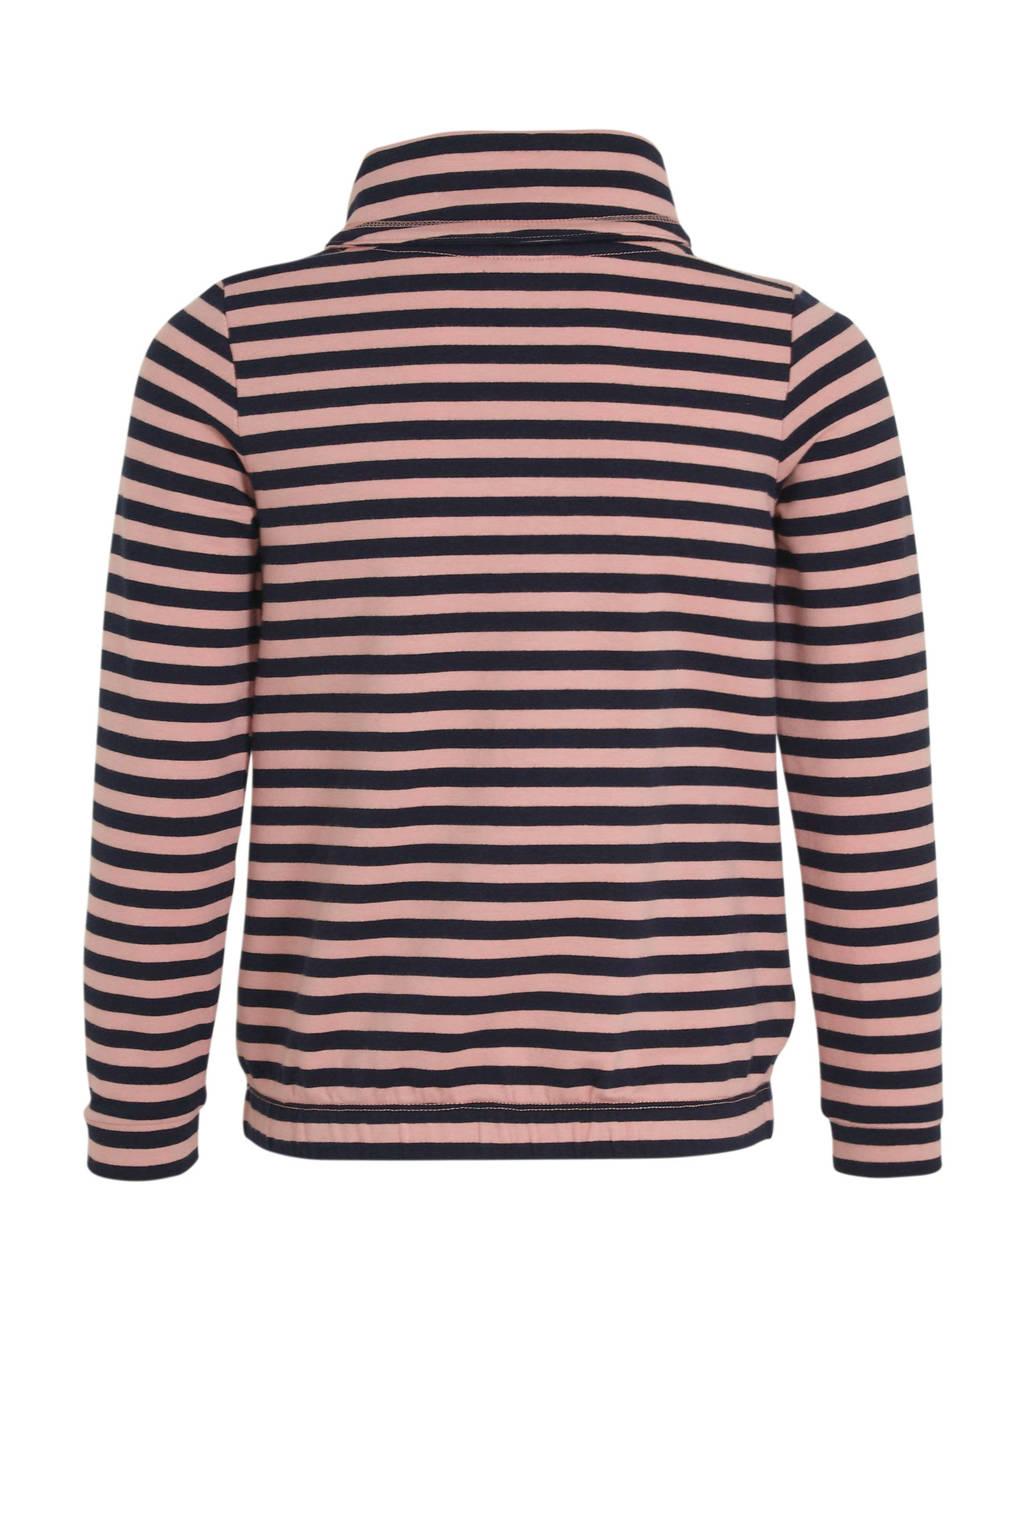 s.Oliver gestreepte sweater lichtroze/zwart, Lichtroze/zwart